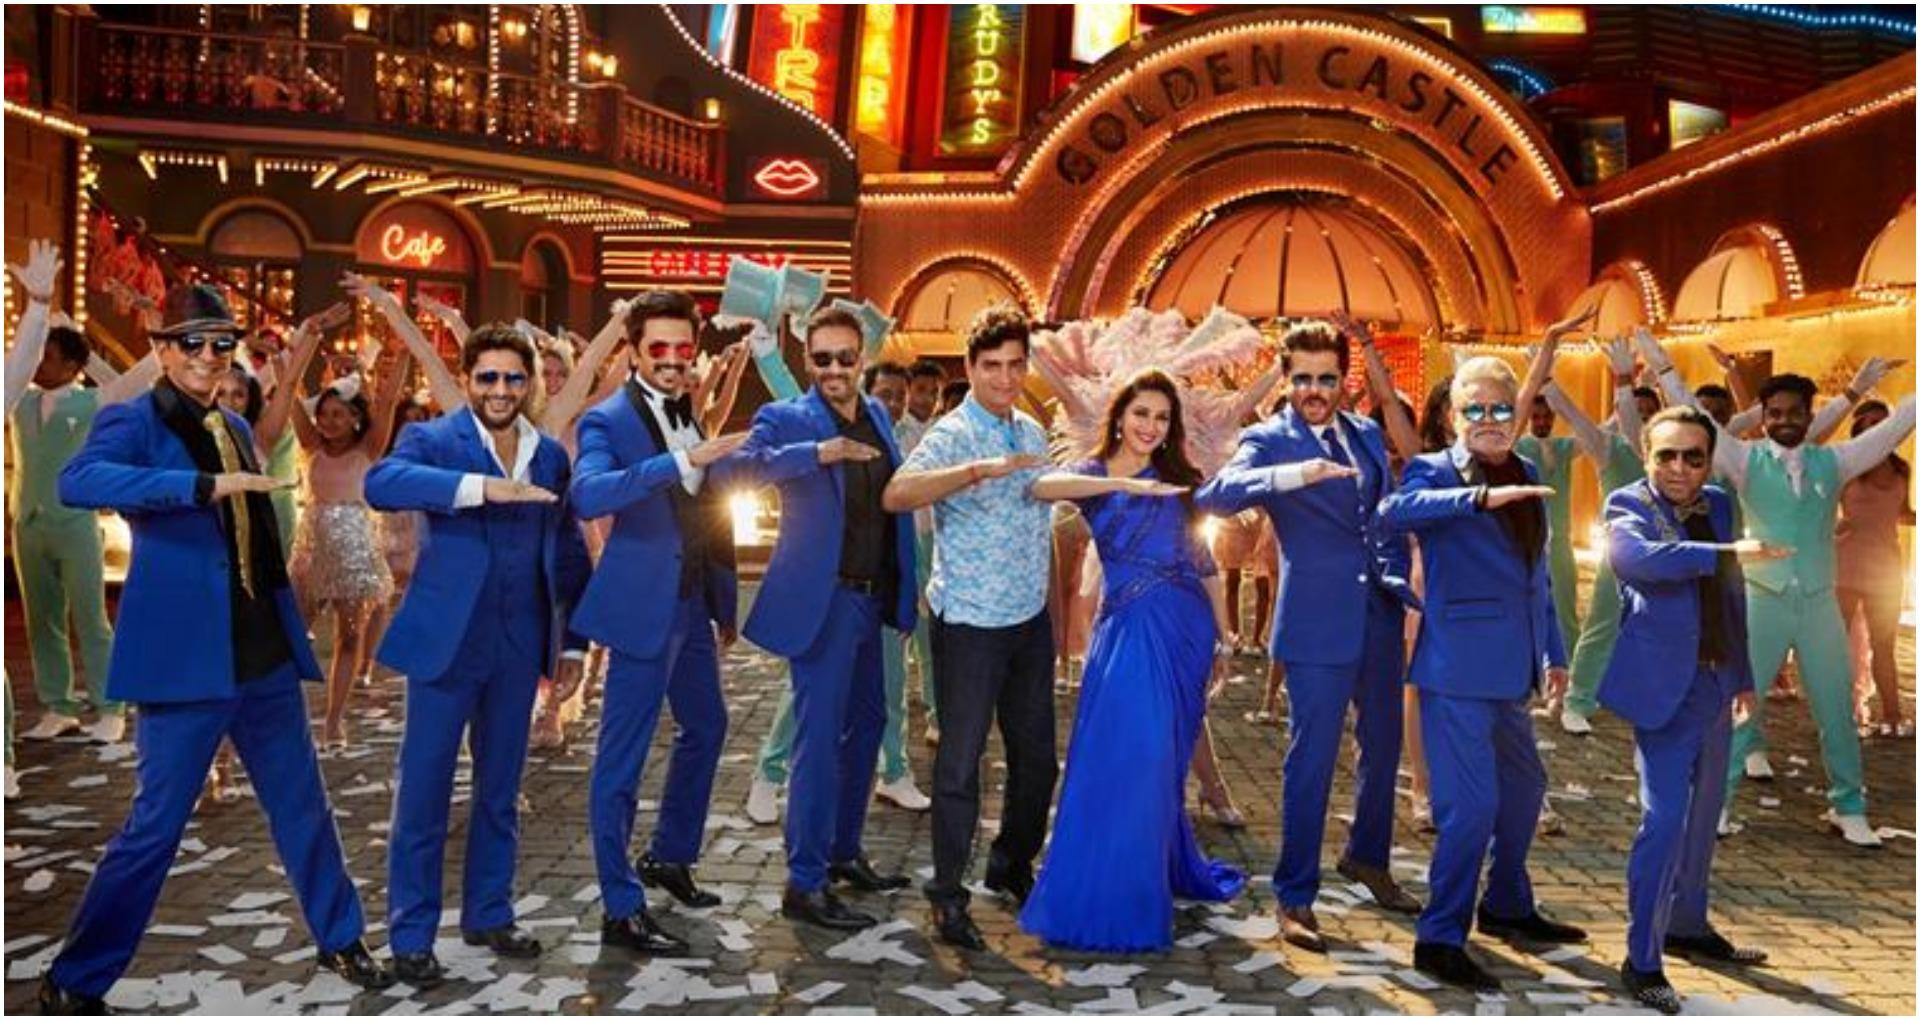 टोटल धमाल मूवी रिव्यू: अजय देवगन की इस फिल्म में है कमाल की कॉमेडी, जानिए पैसा वसूल है या नहीं?